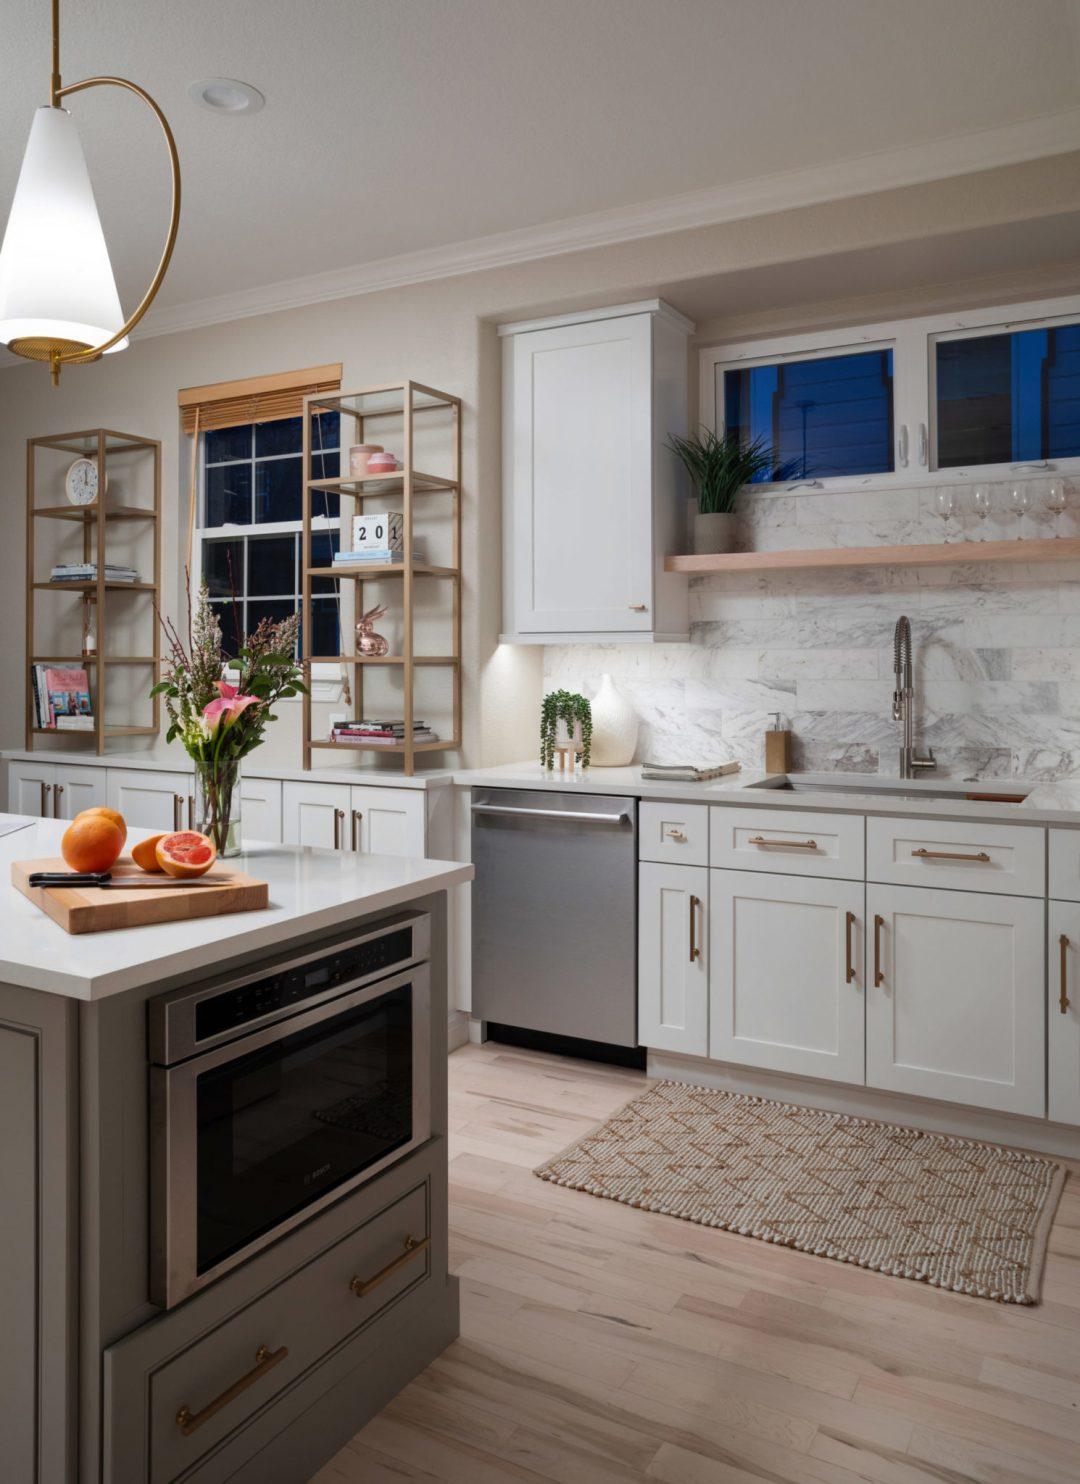 julee, denver designer, kitchen